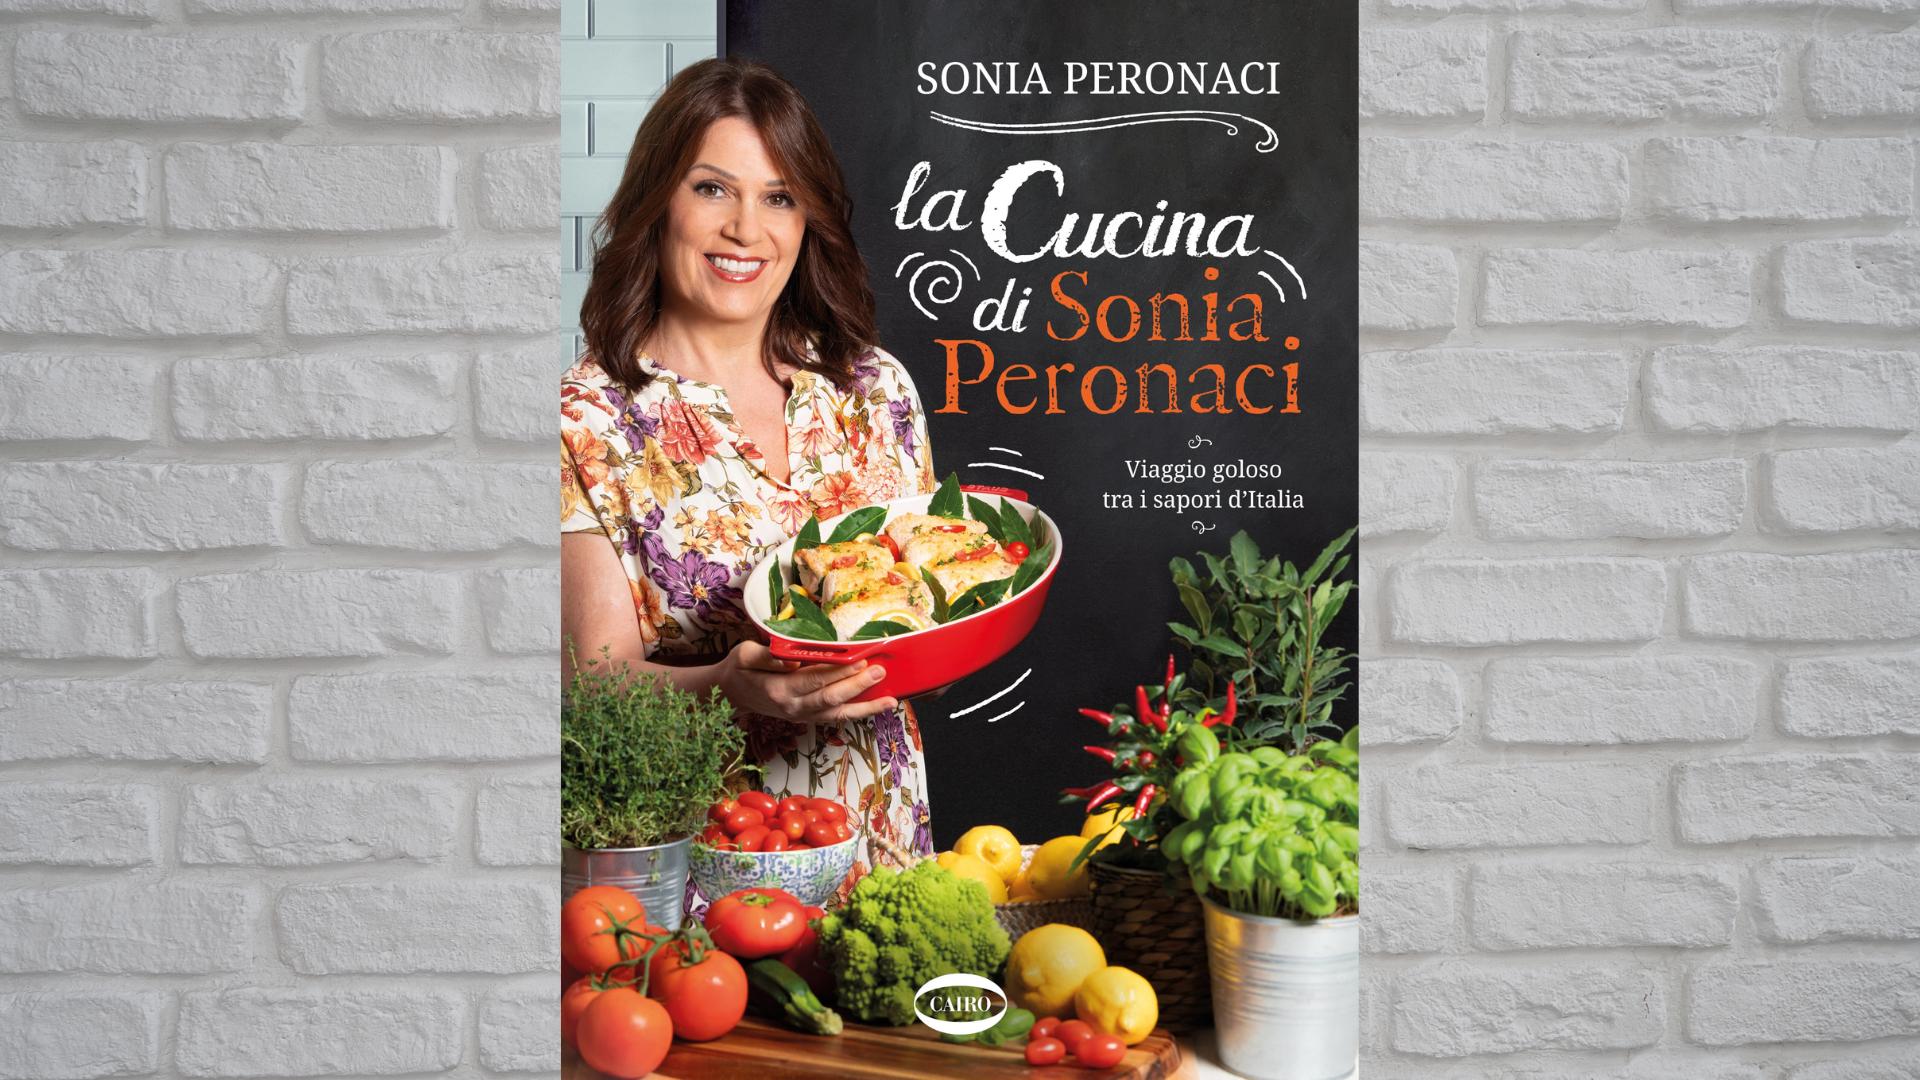 Sonia Peronaci e i suoi viaggi…in cucina